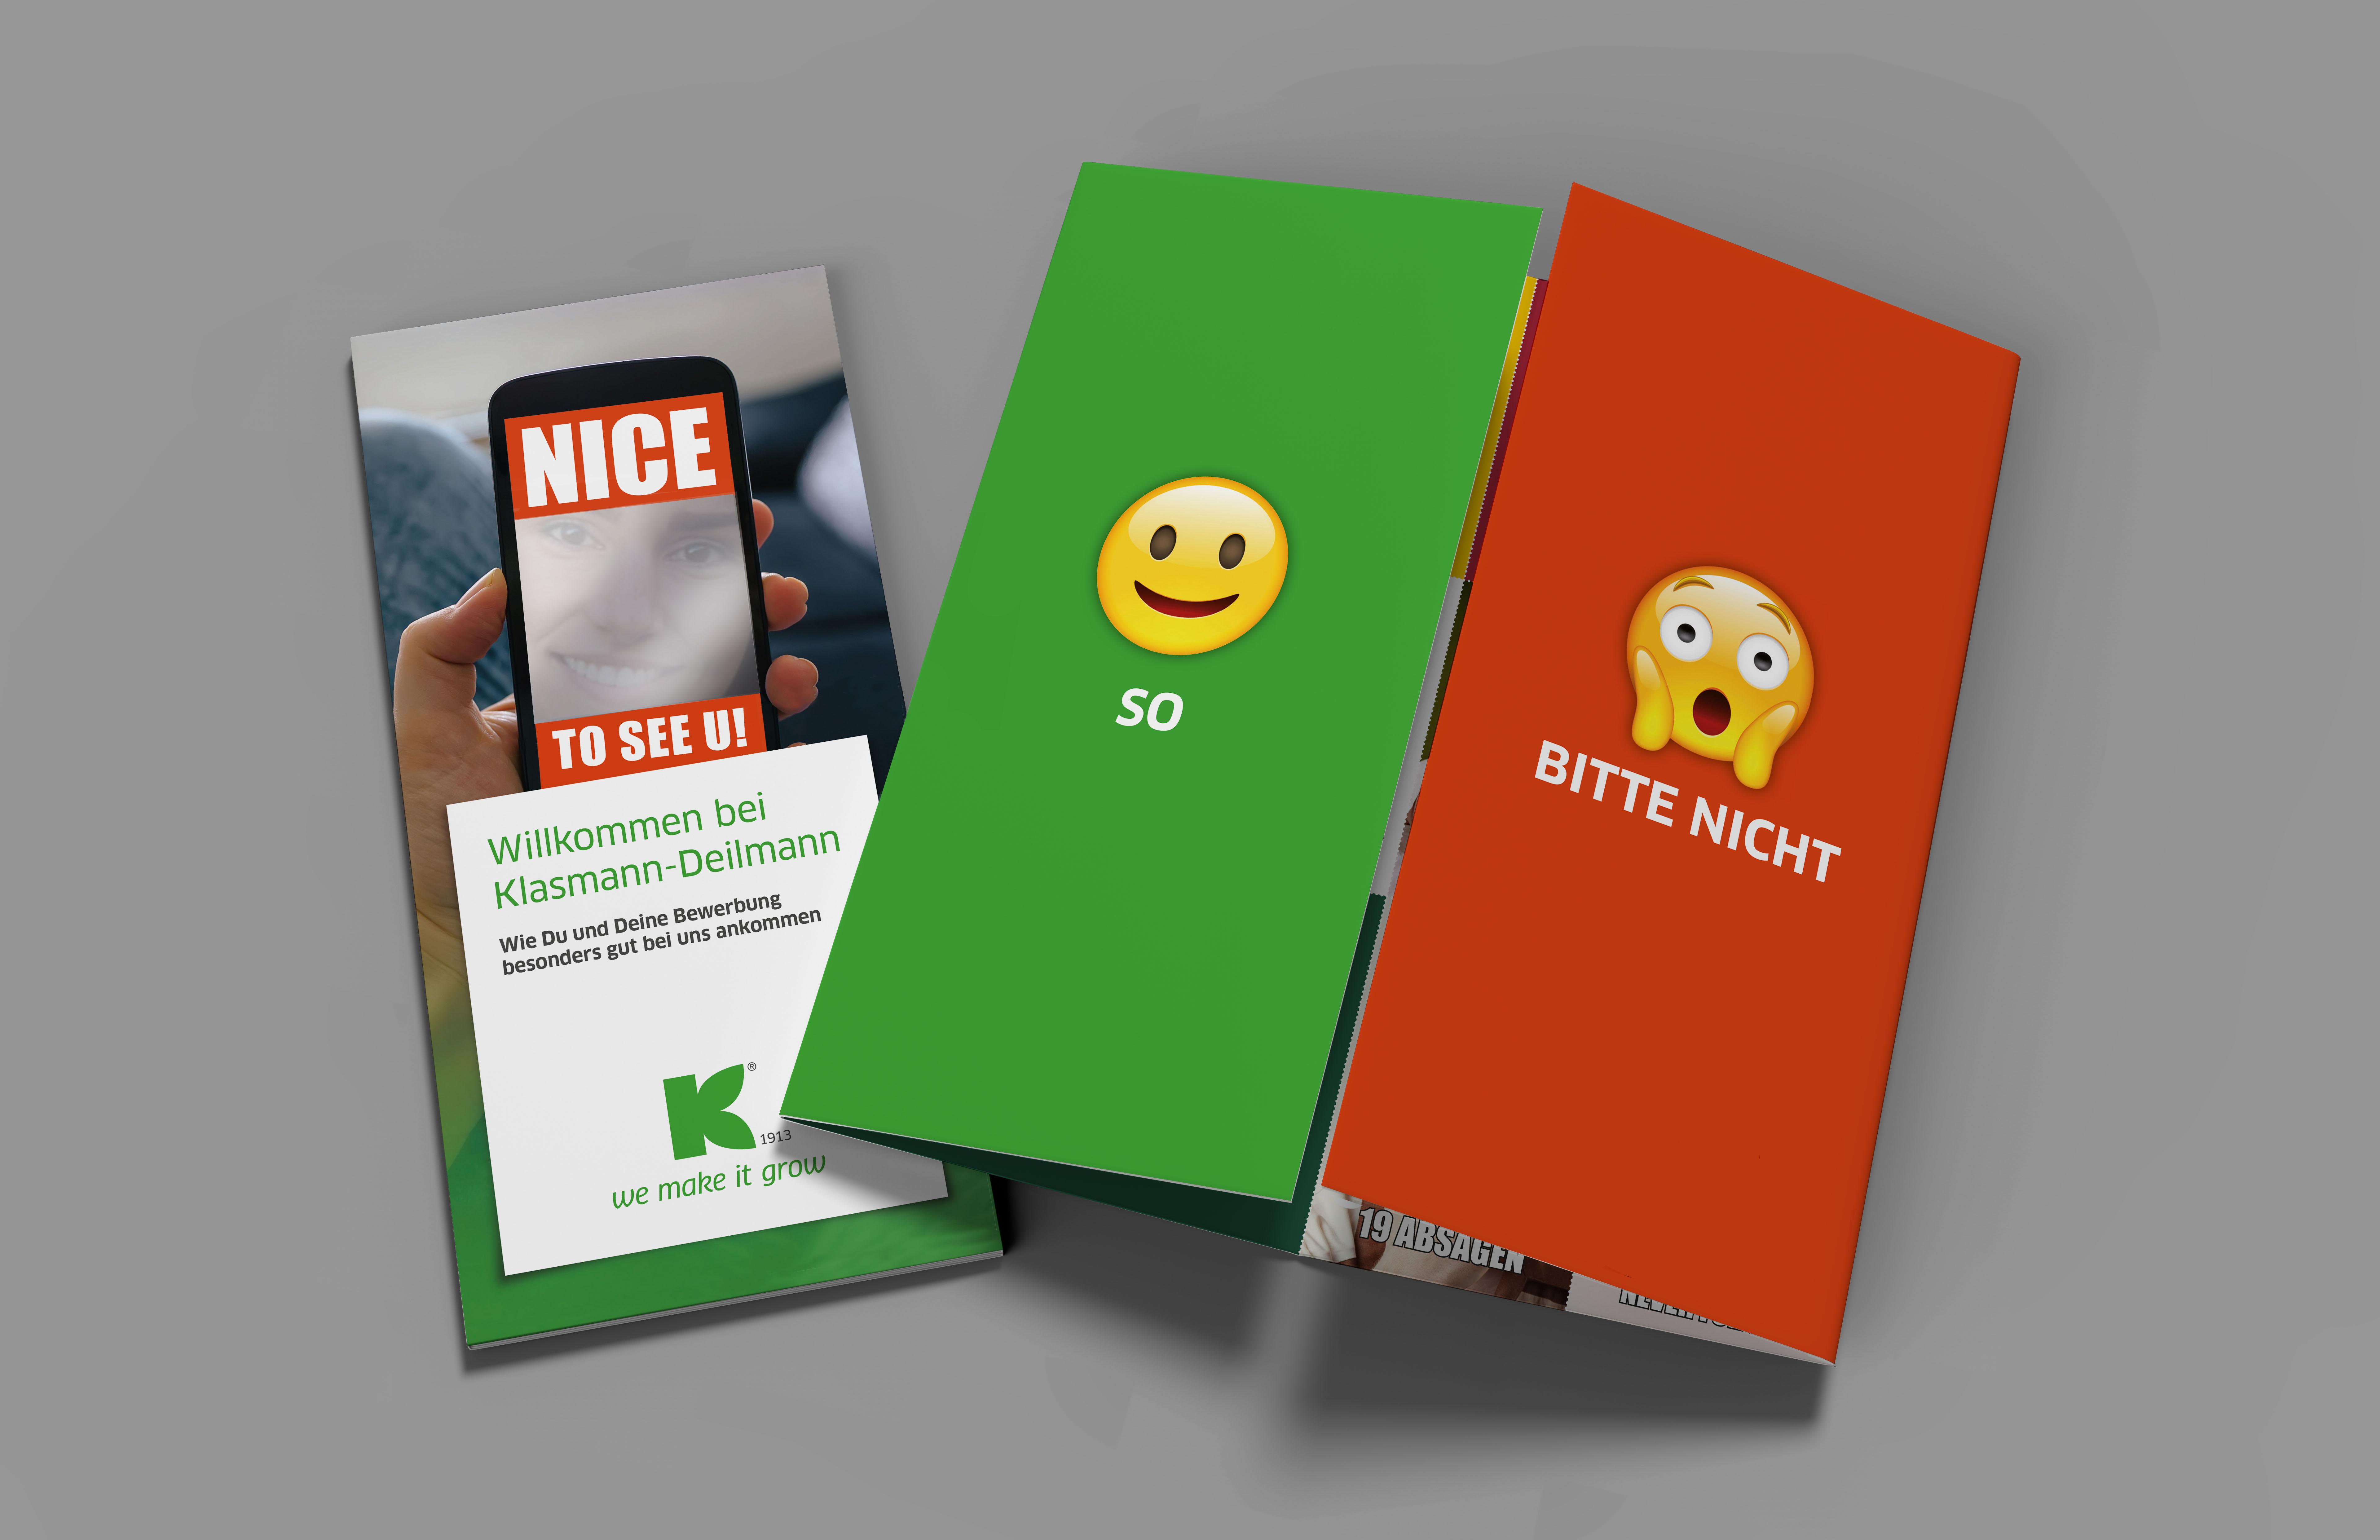 kd flyer meme 02 - Eine Zielgruppe wirbt für sich selbst – Corporate Design, Grafikdesign, Kommunikationsdesign, Branding, Markenentwicklung